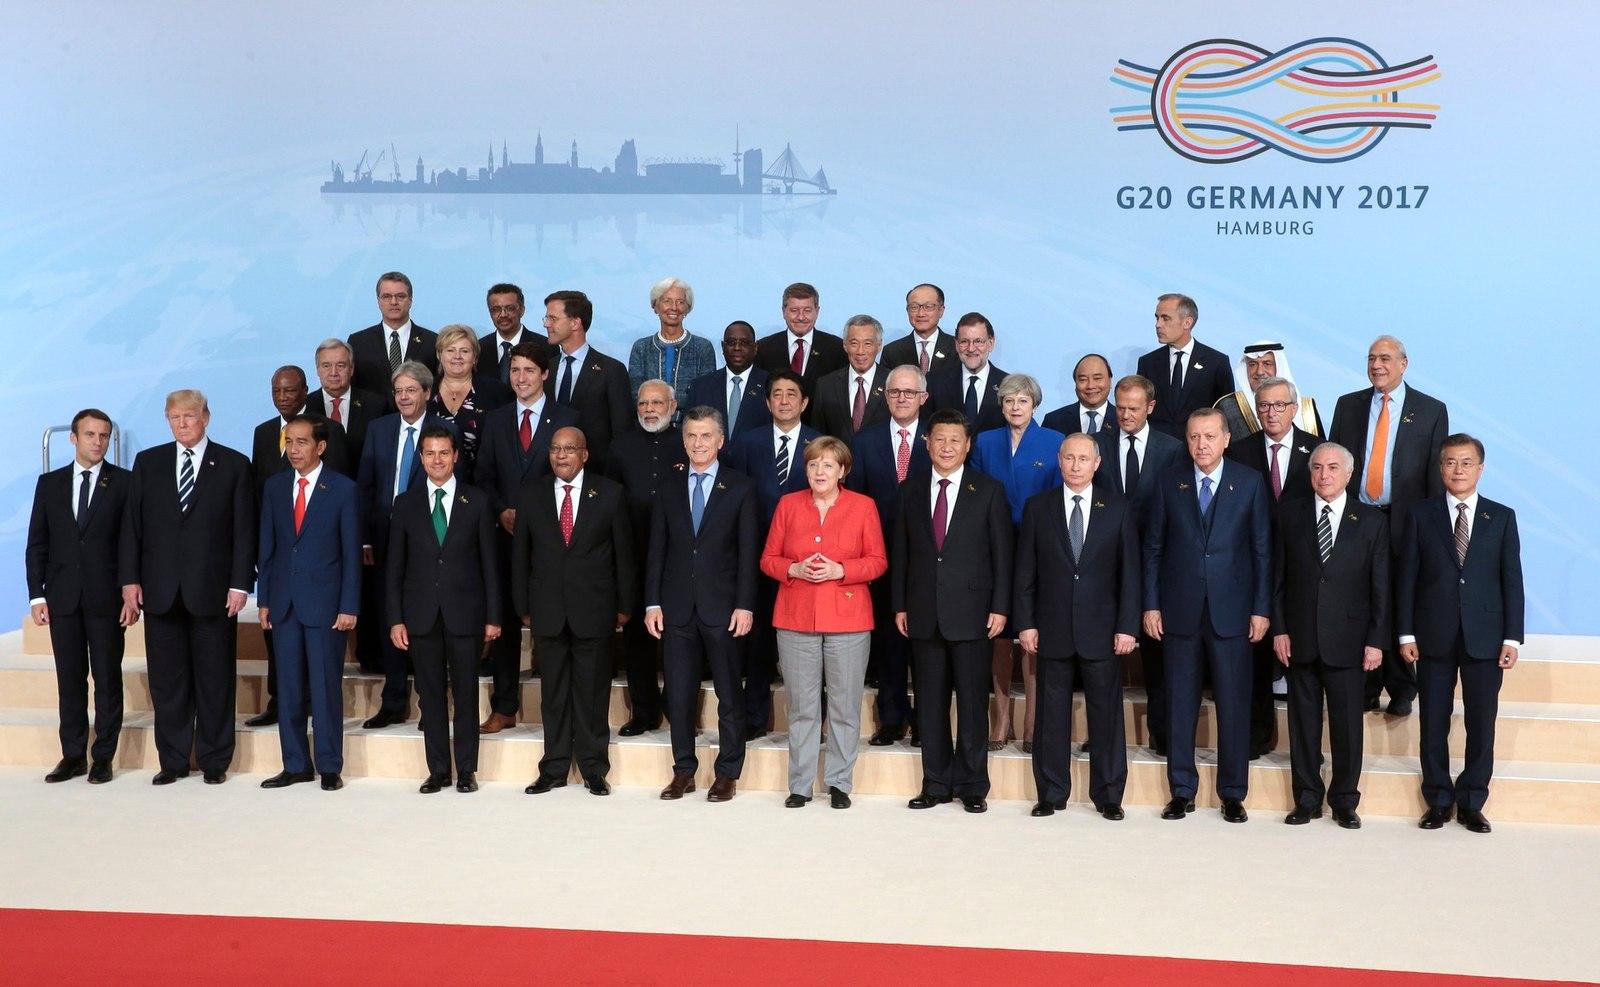 вологодском гамбург общее фото саммит ещё желательна